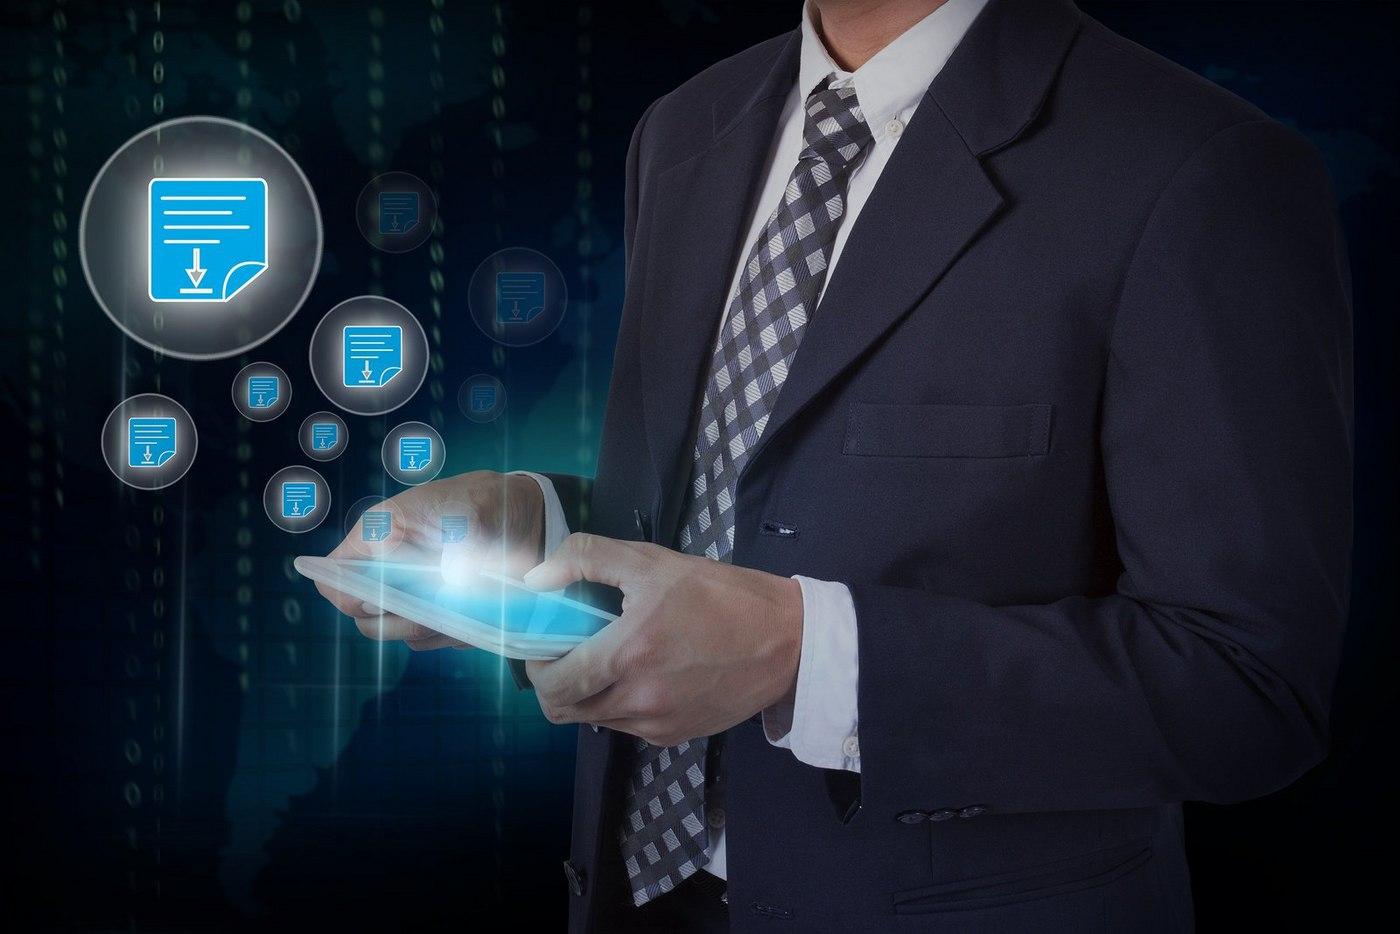 bigstock-Businessman-hand-touch-screen--109768781.jpg